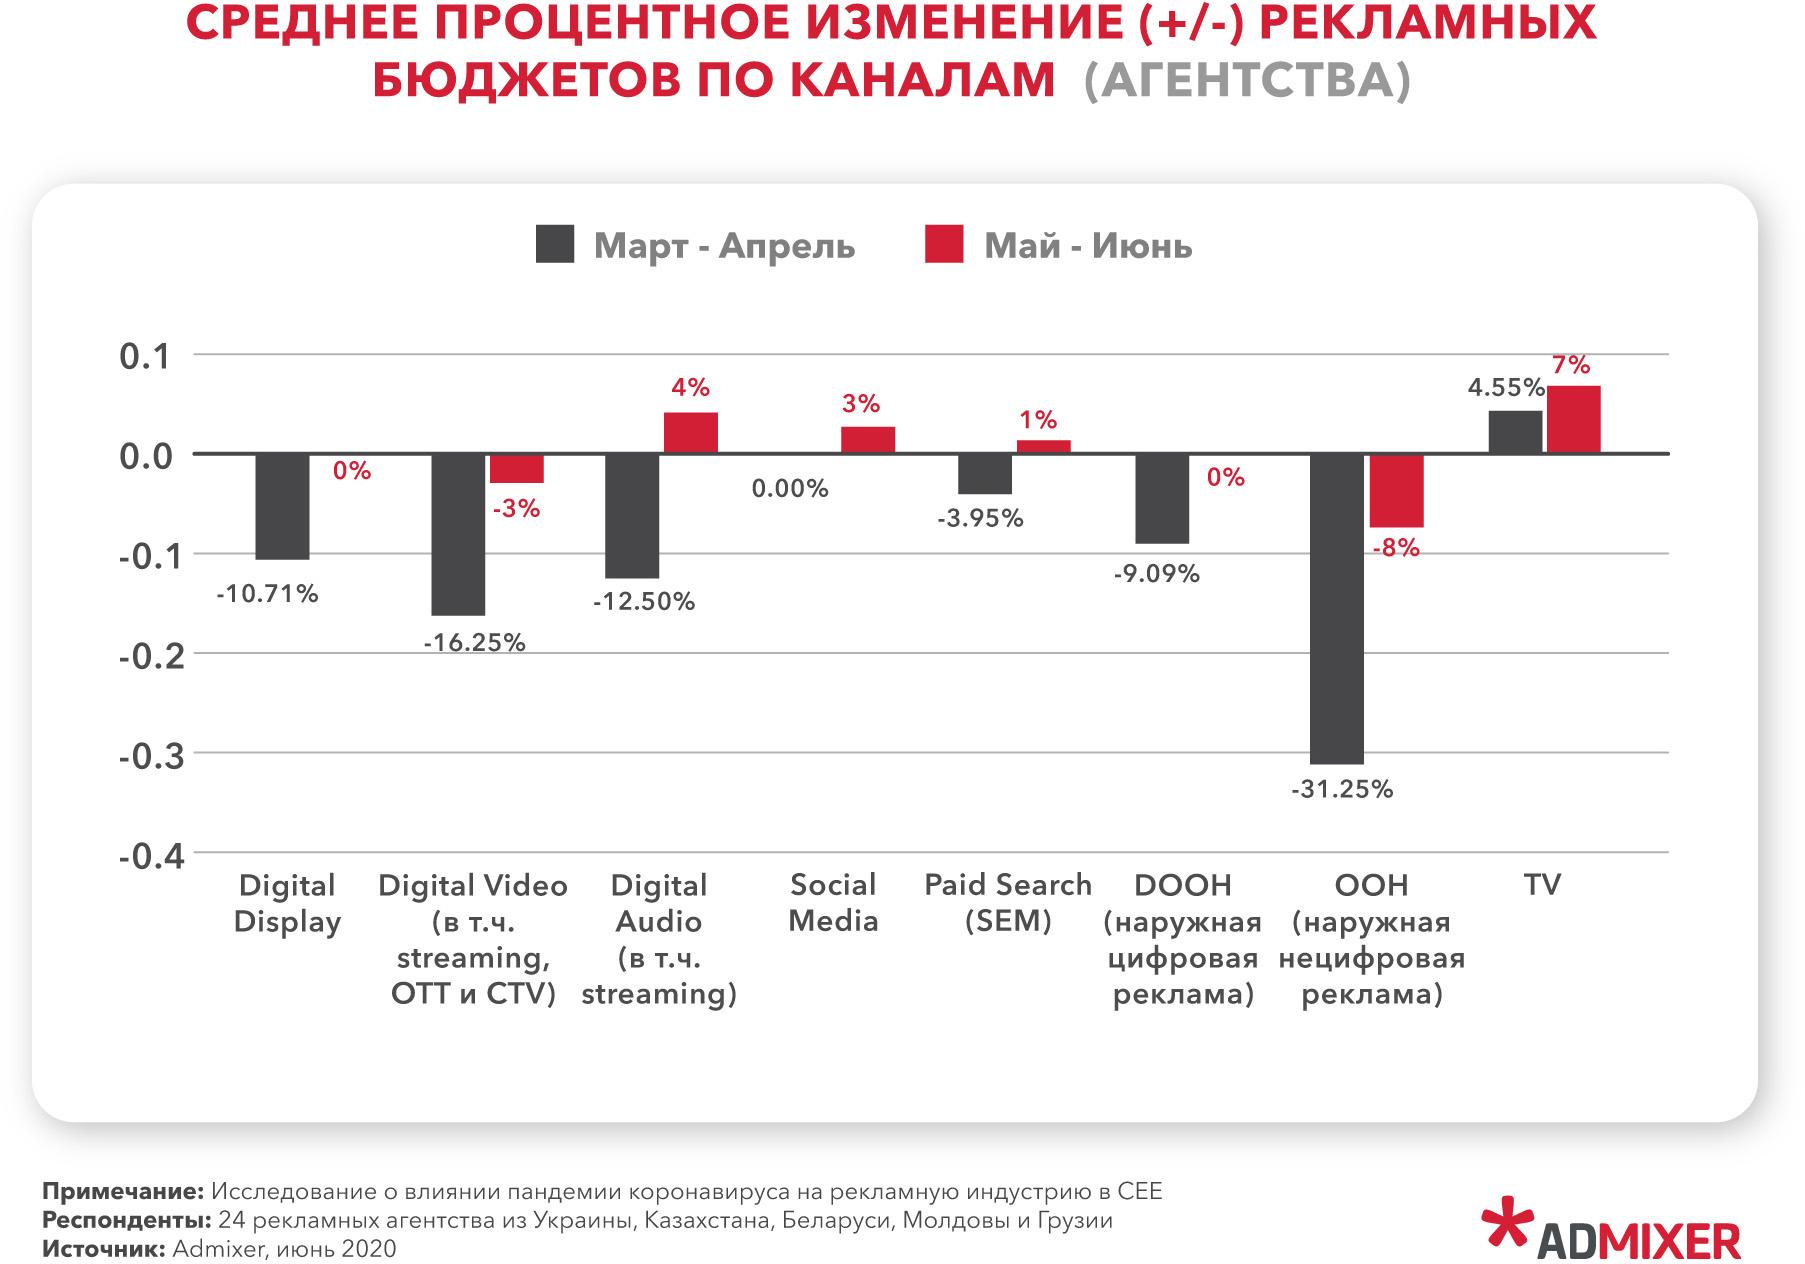 Незначительное увеличение бюджетов прогнозируют в поисковой рекламе и соцсетях.